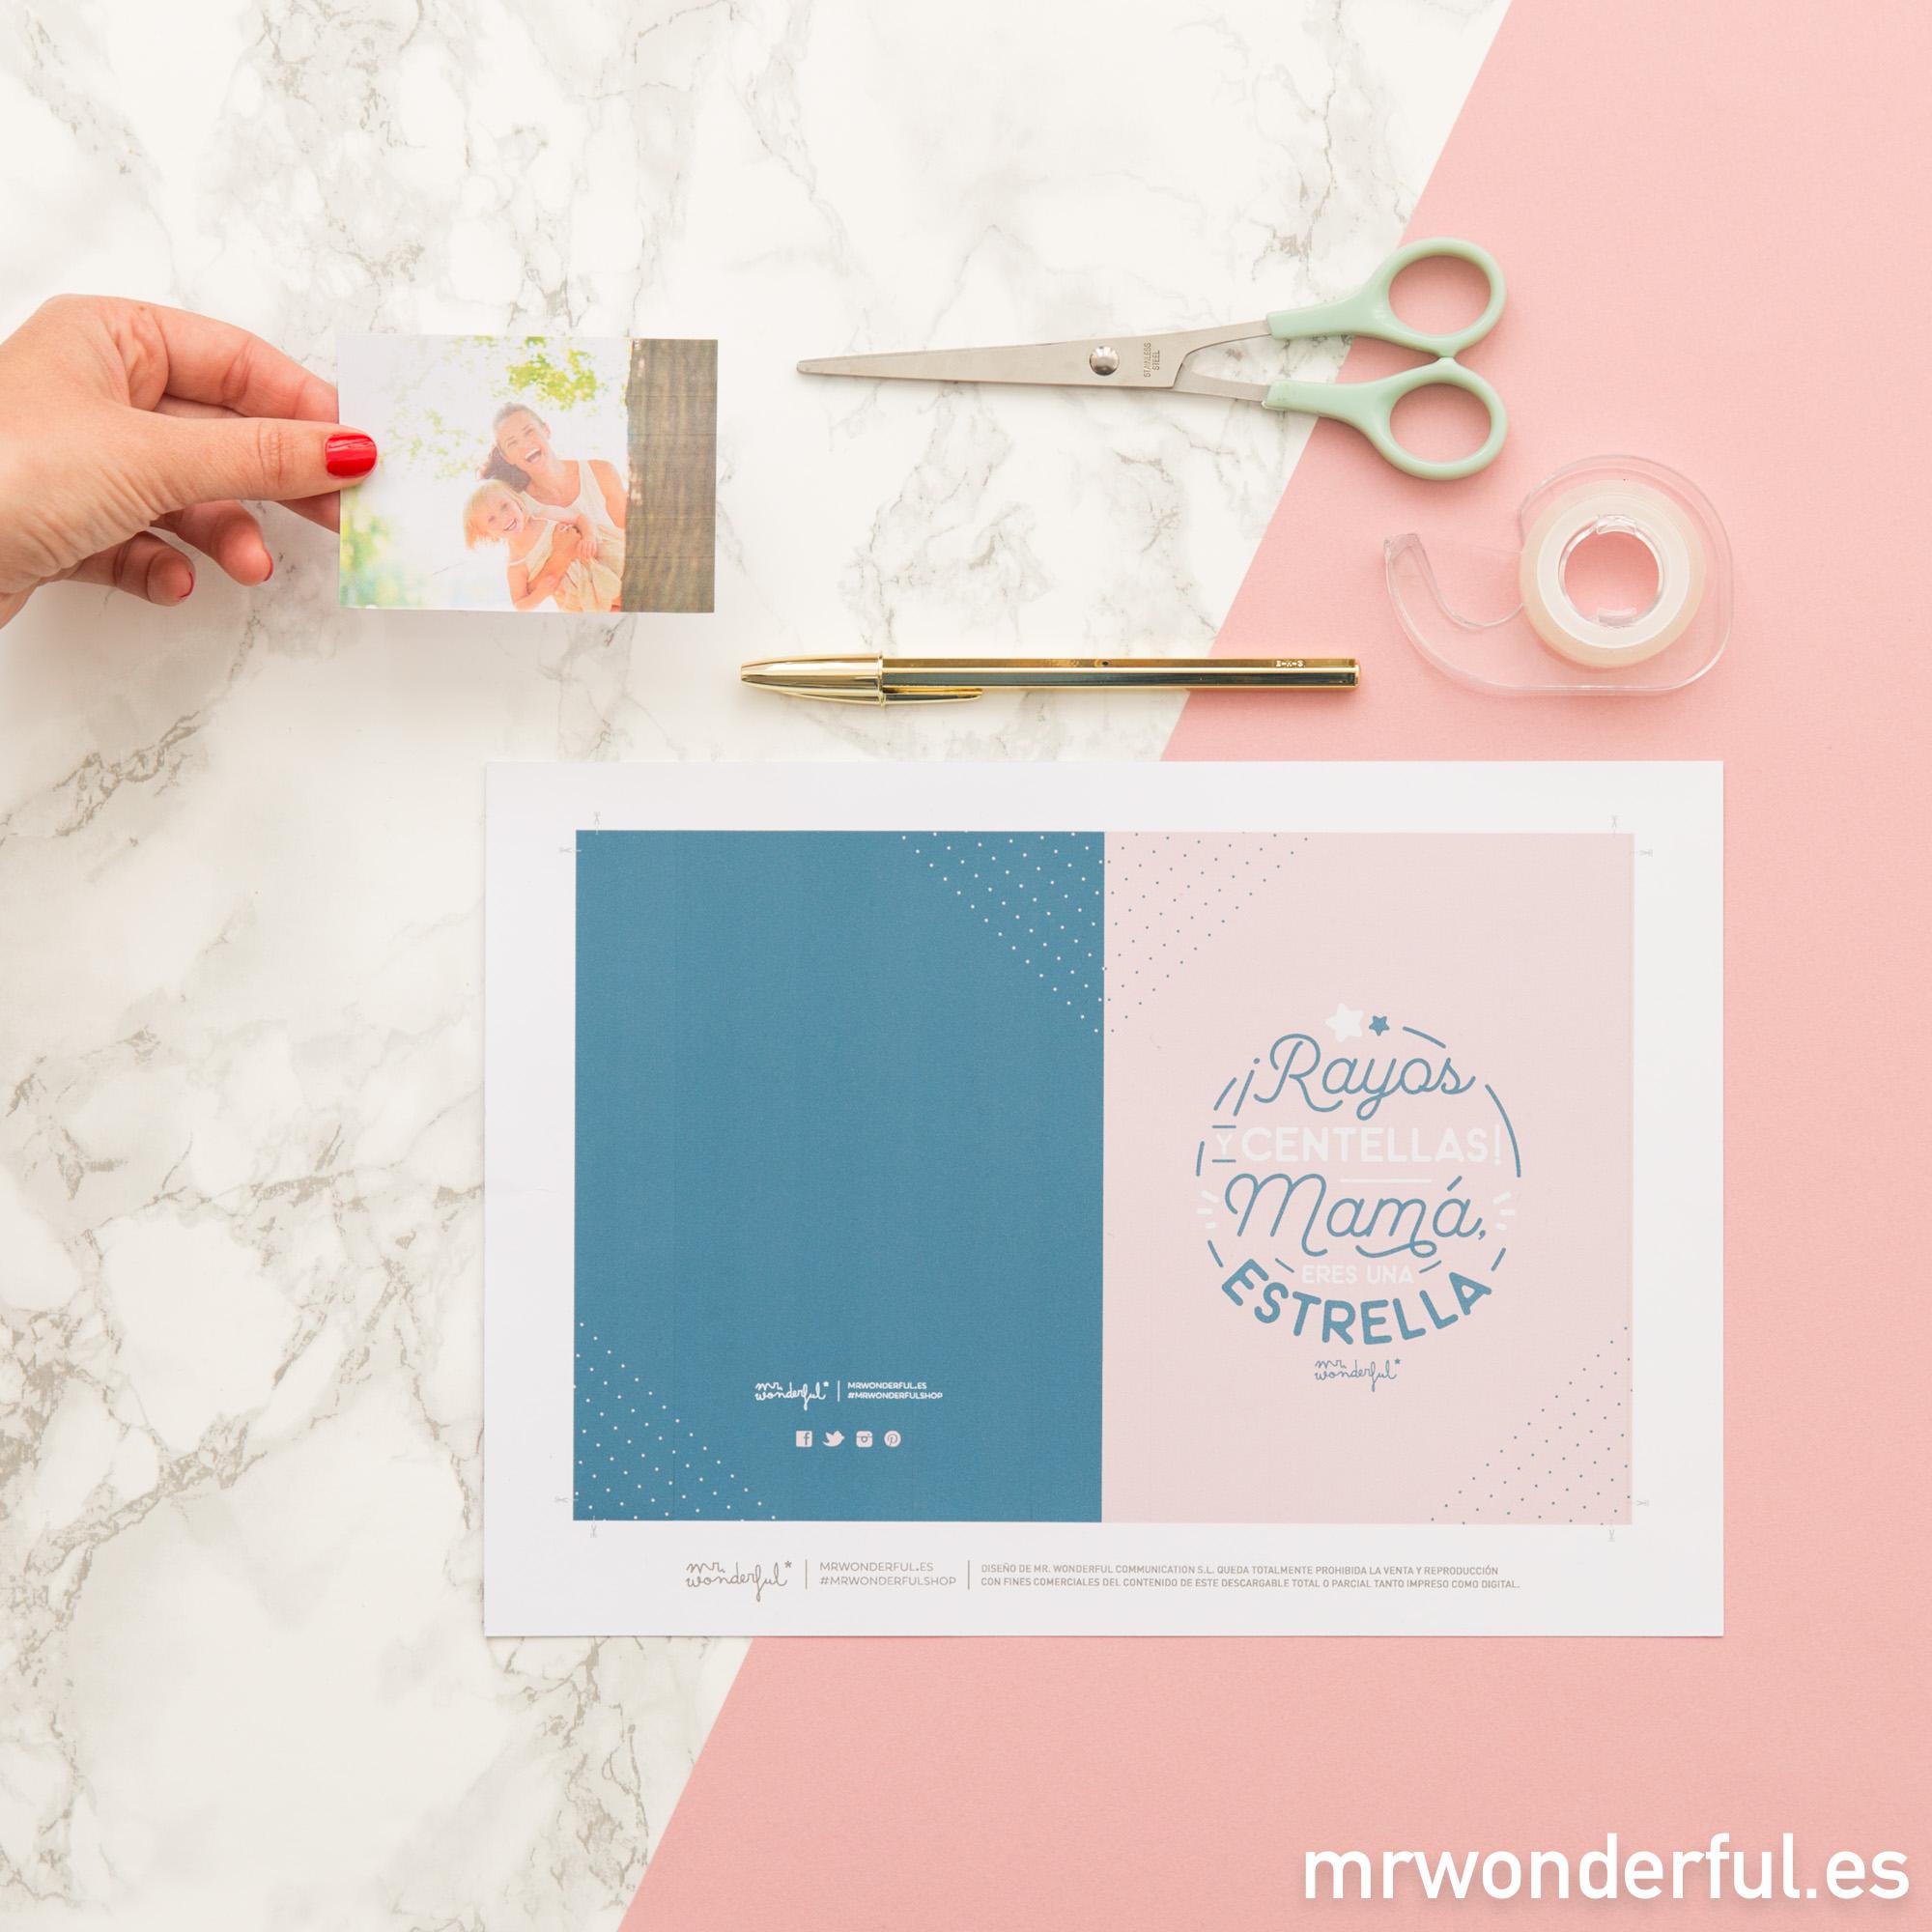 mrwonderful_descargable_postal-madre_2017-1-editar